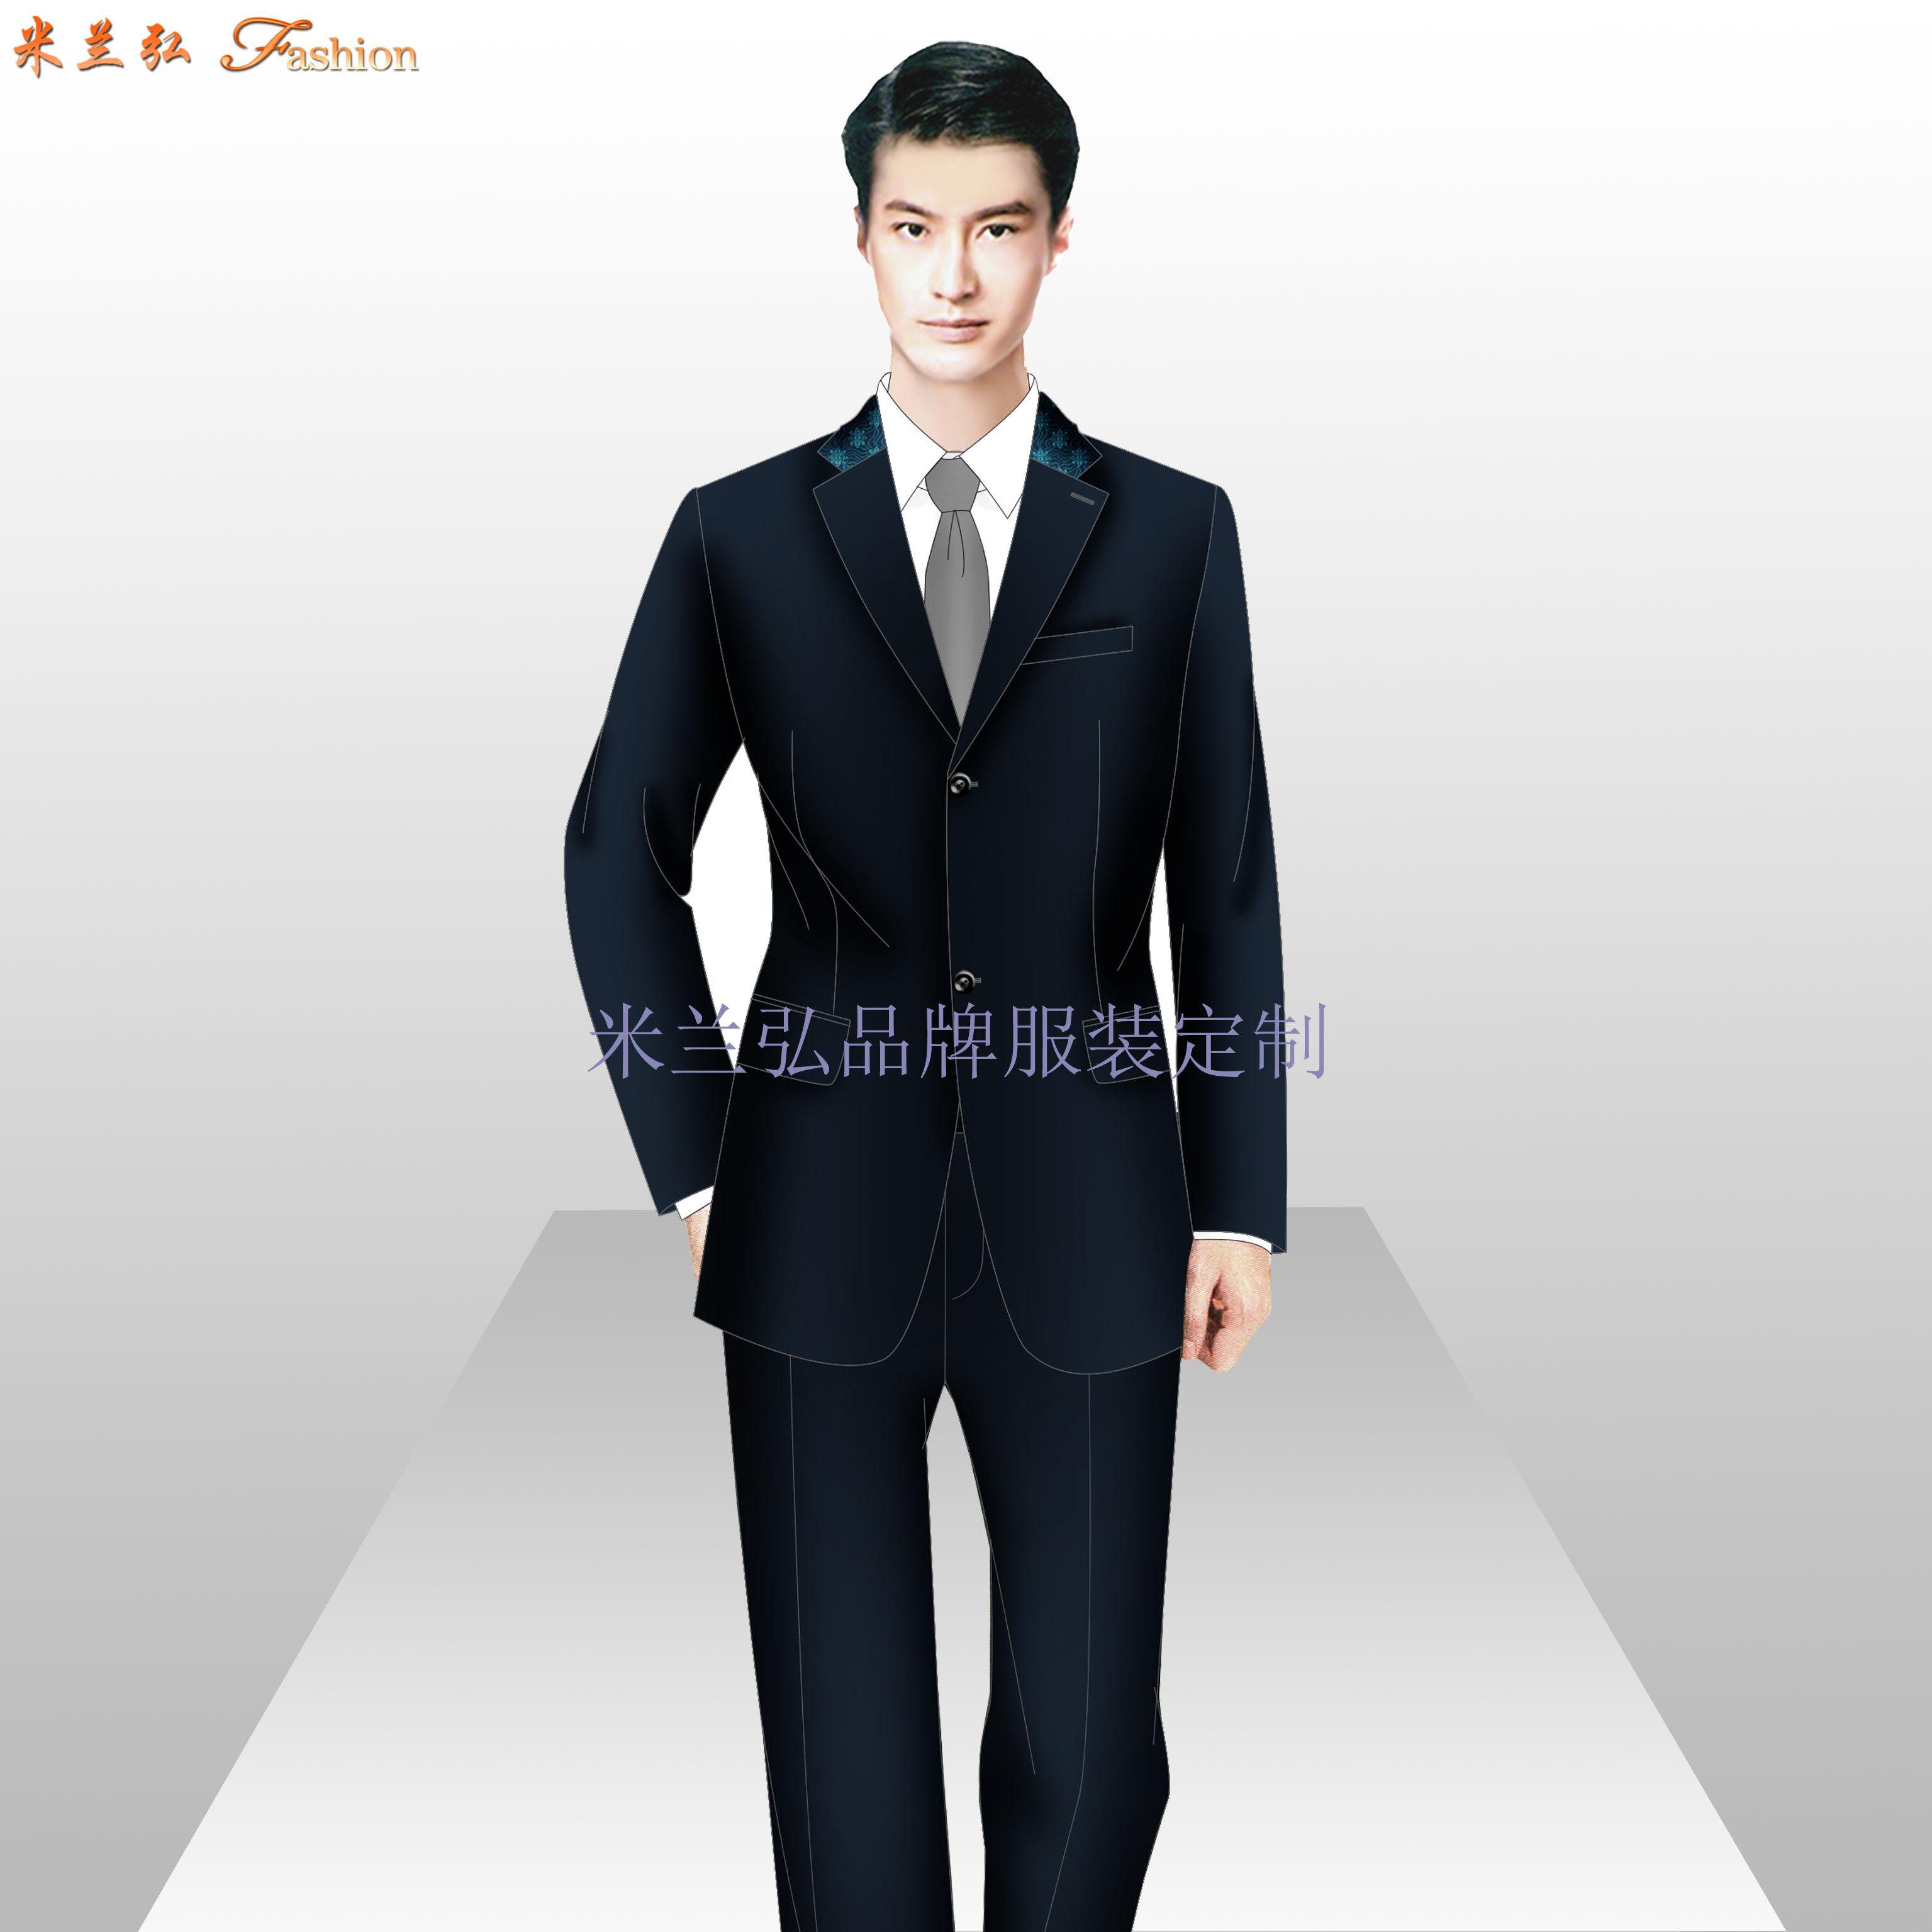 西城區西服定制_北京西城職業裝訂做-米蘭弘服裝廠家-2